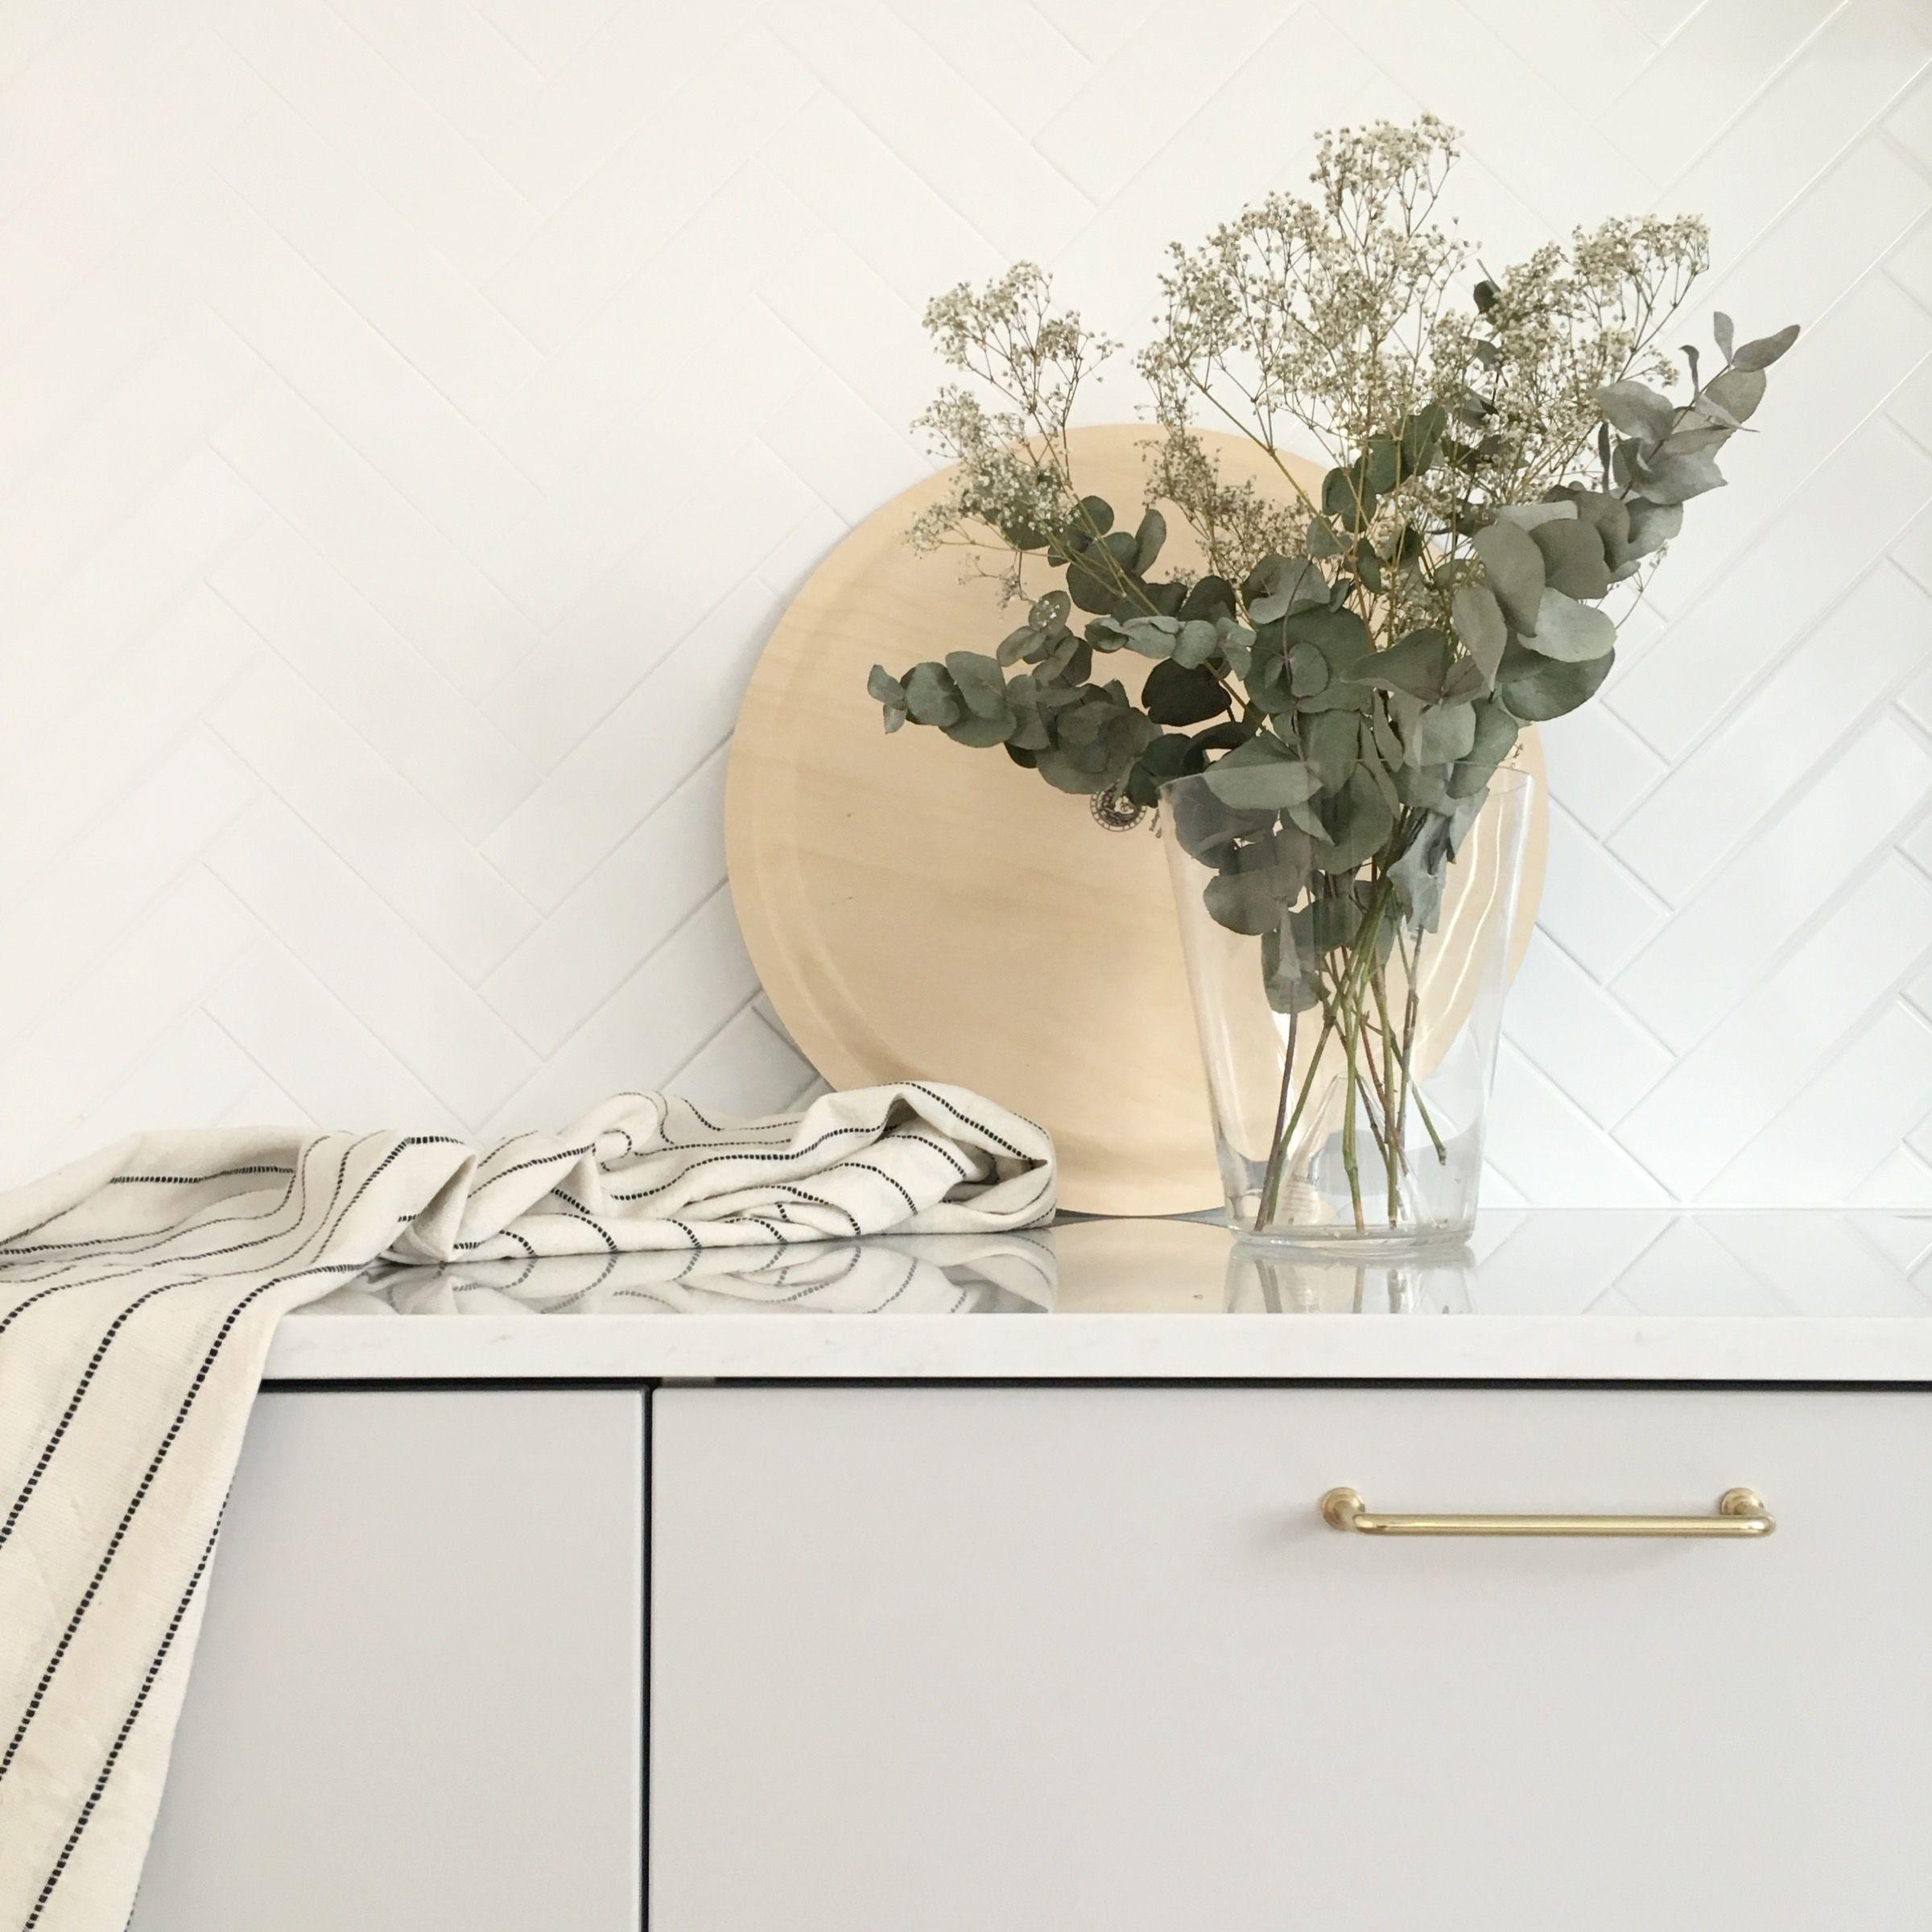 Ikea Kitchen Cabinets Quality: Ikea Plants, Ikea Cabinets, Kitchen Decor